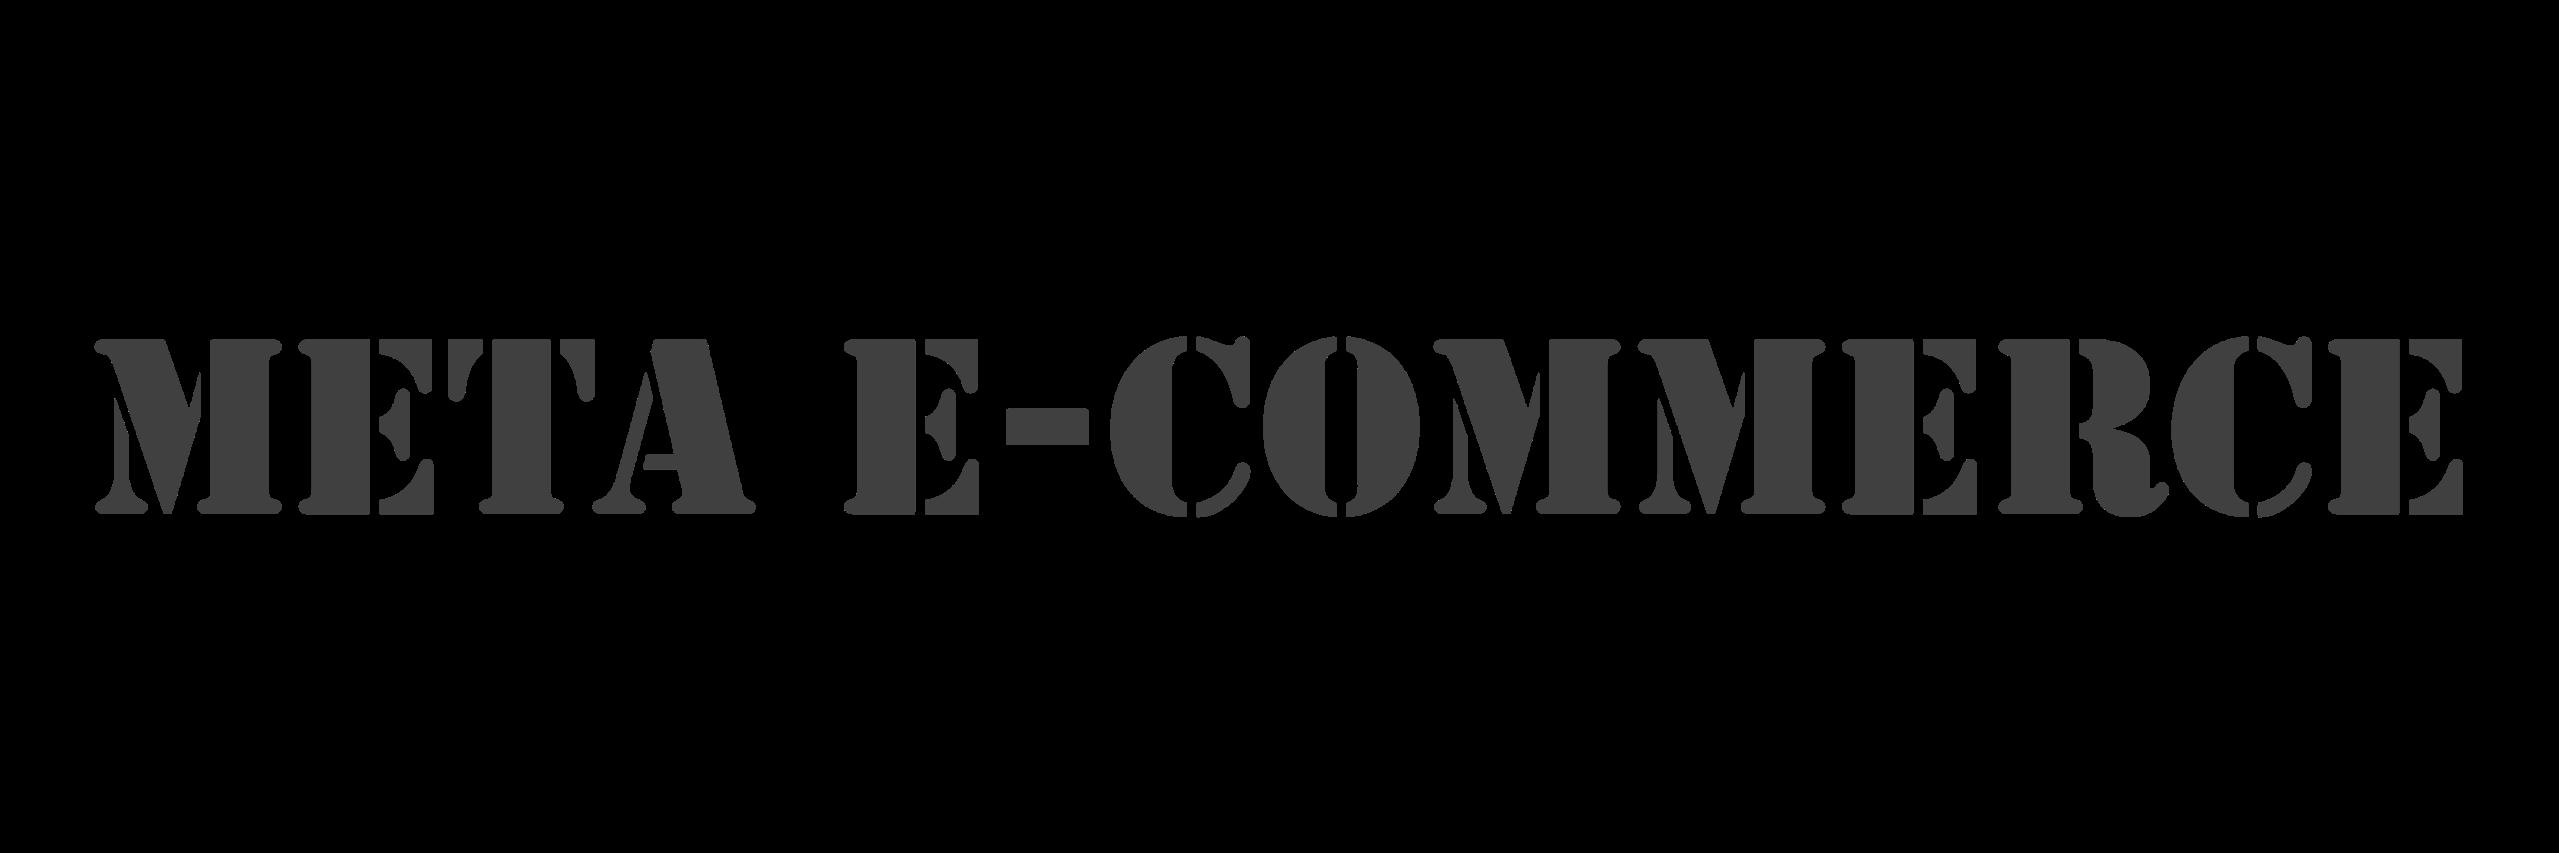 Meta E-commerce